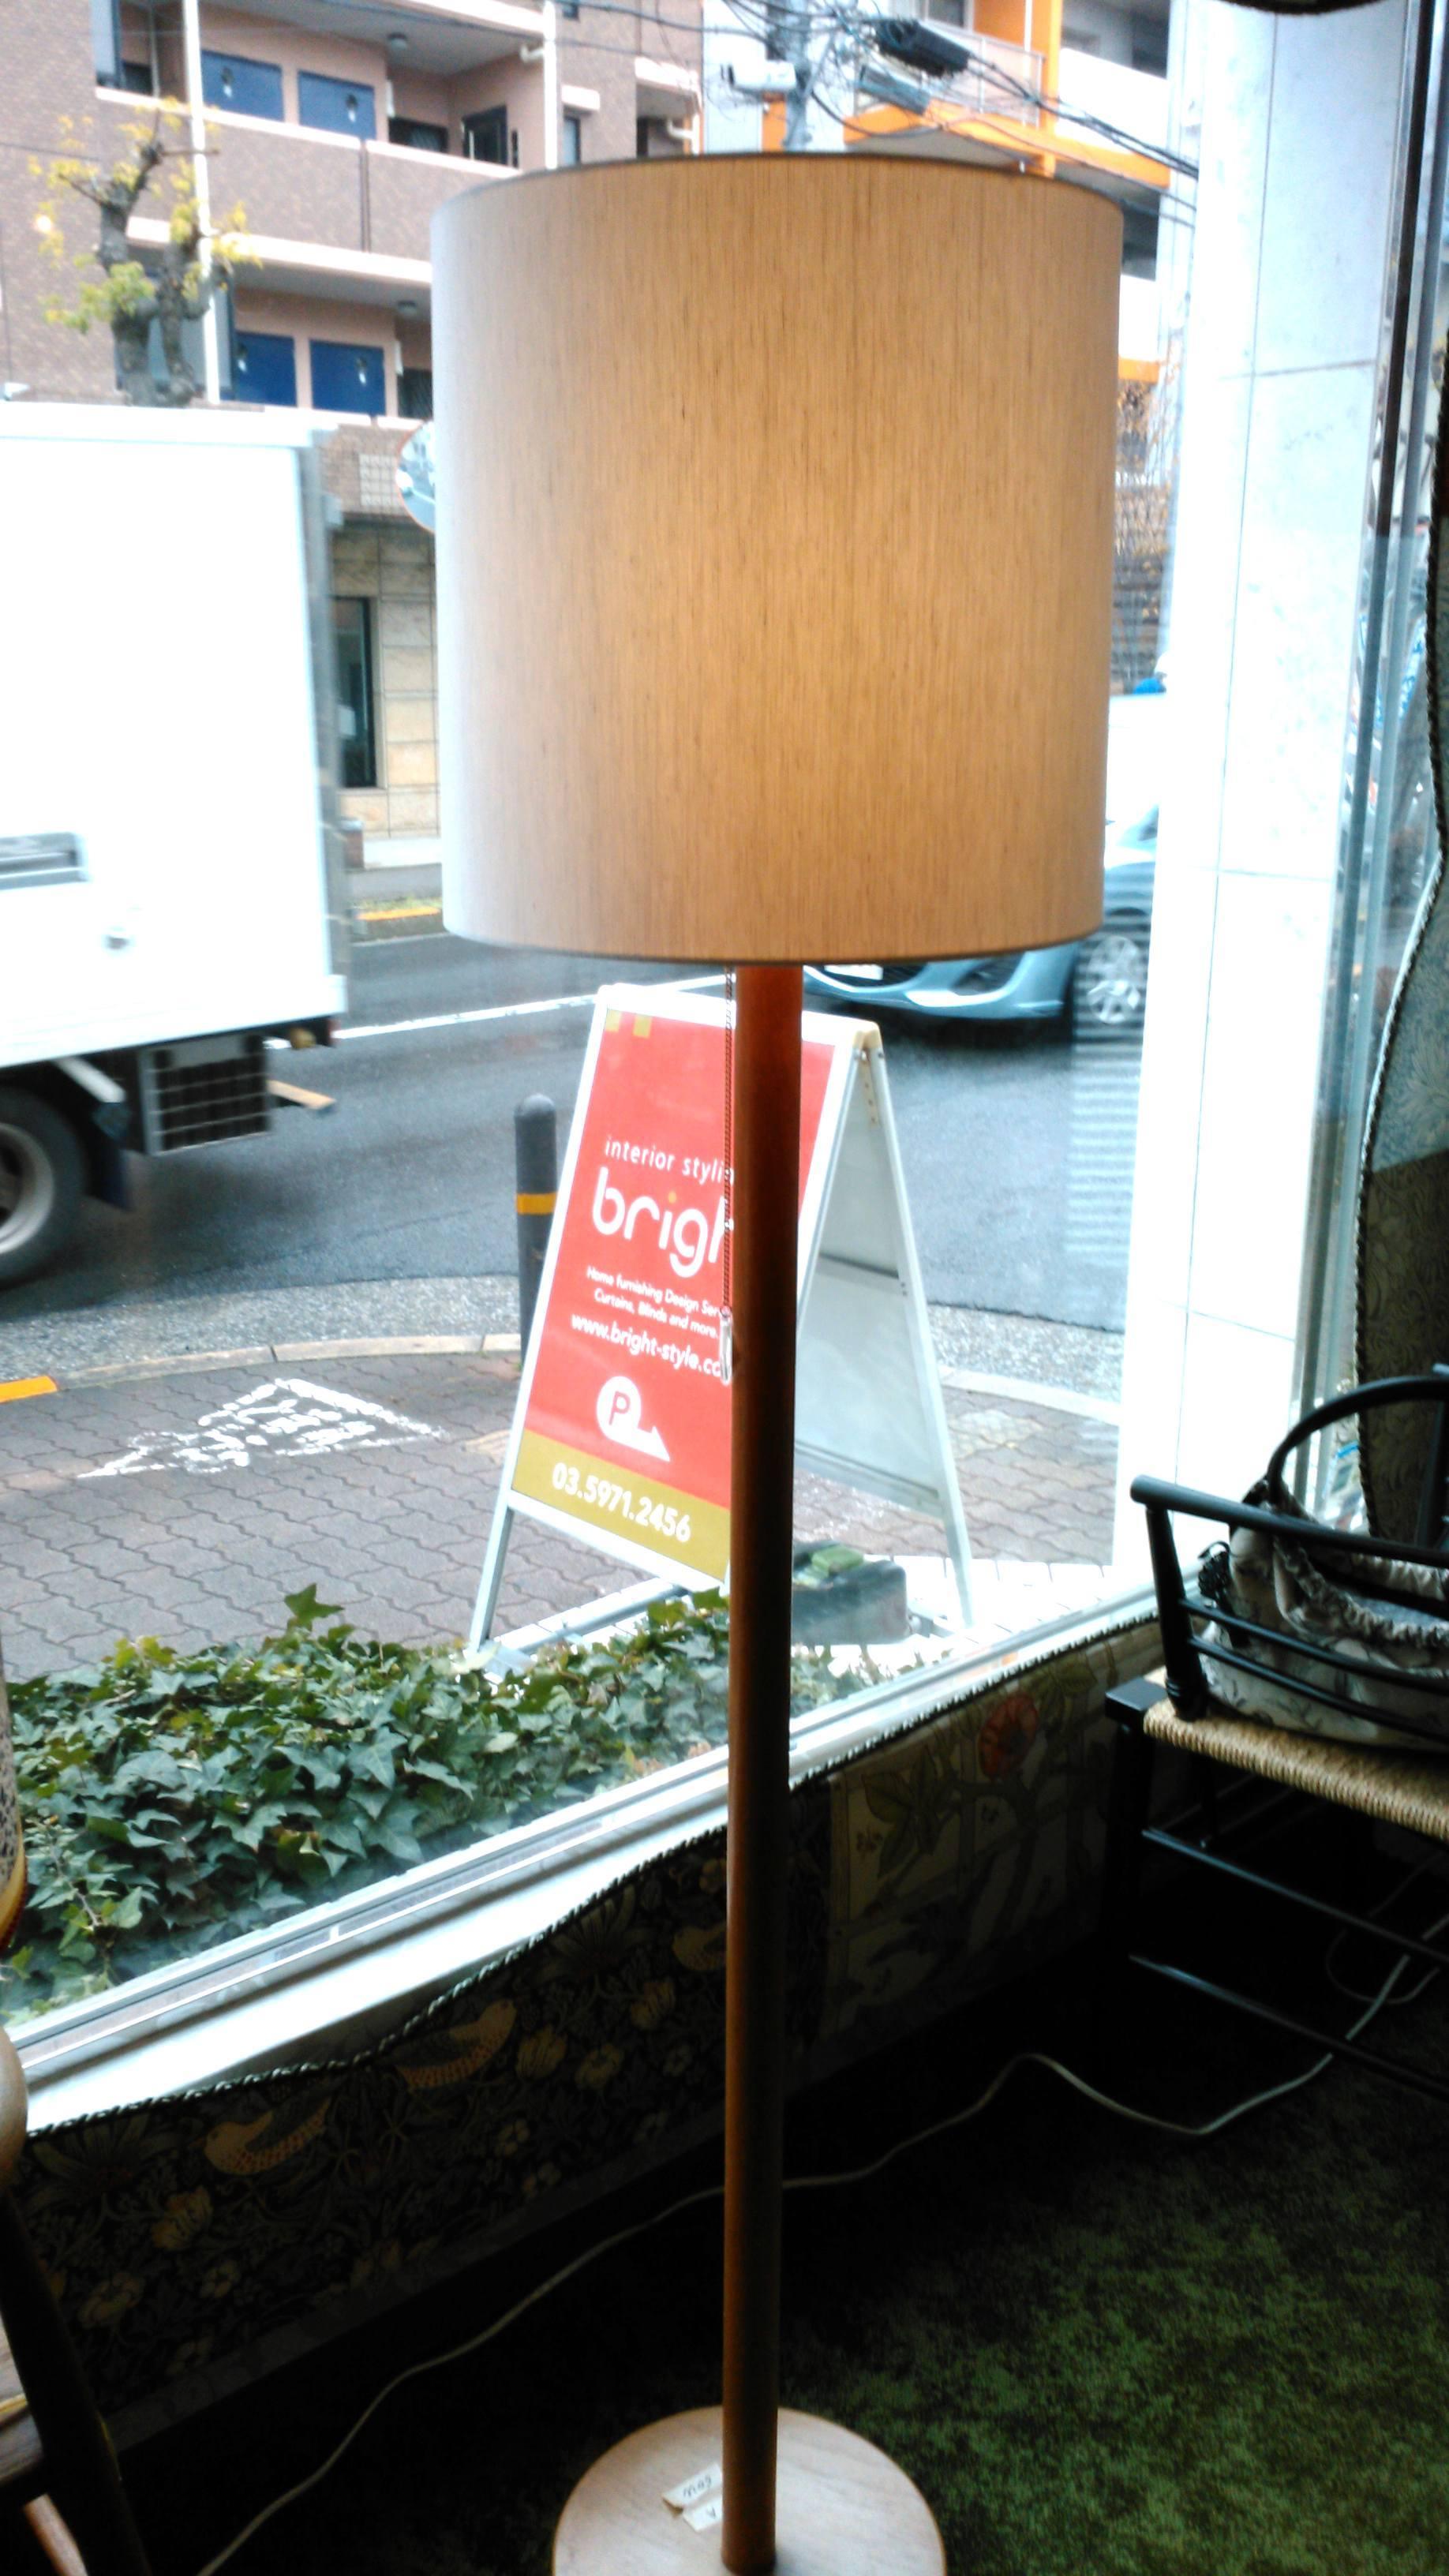 ランプシェード 張替 ウィリアムモリス正規販売店のブライト_c0157866_20044274.jpg